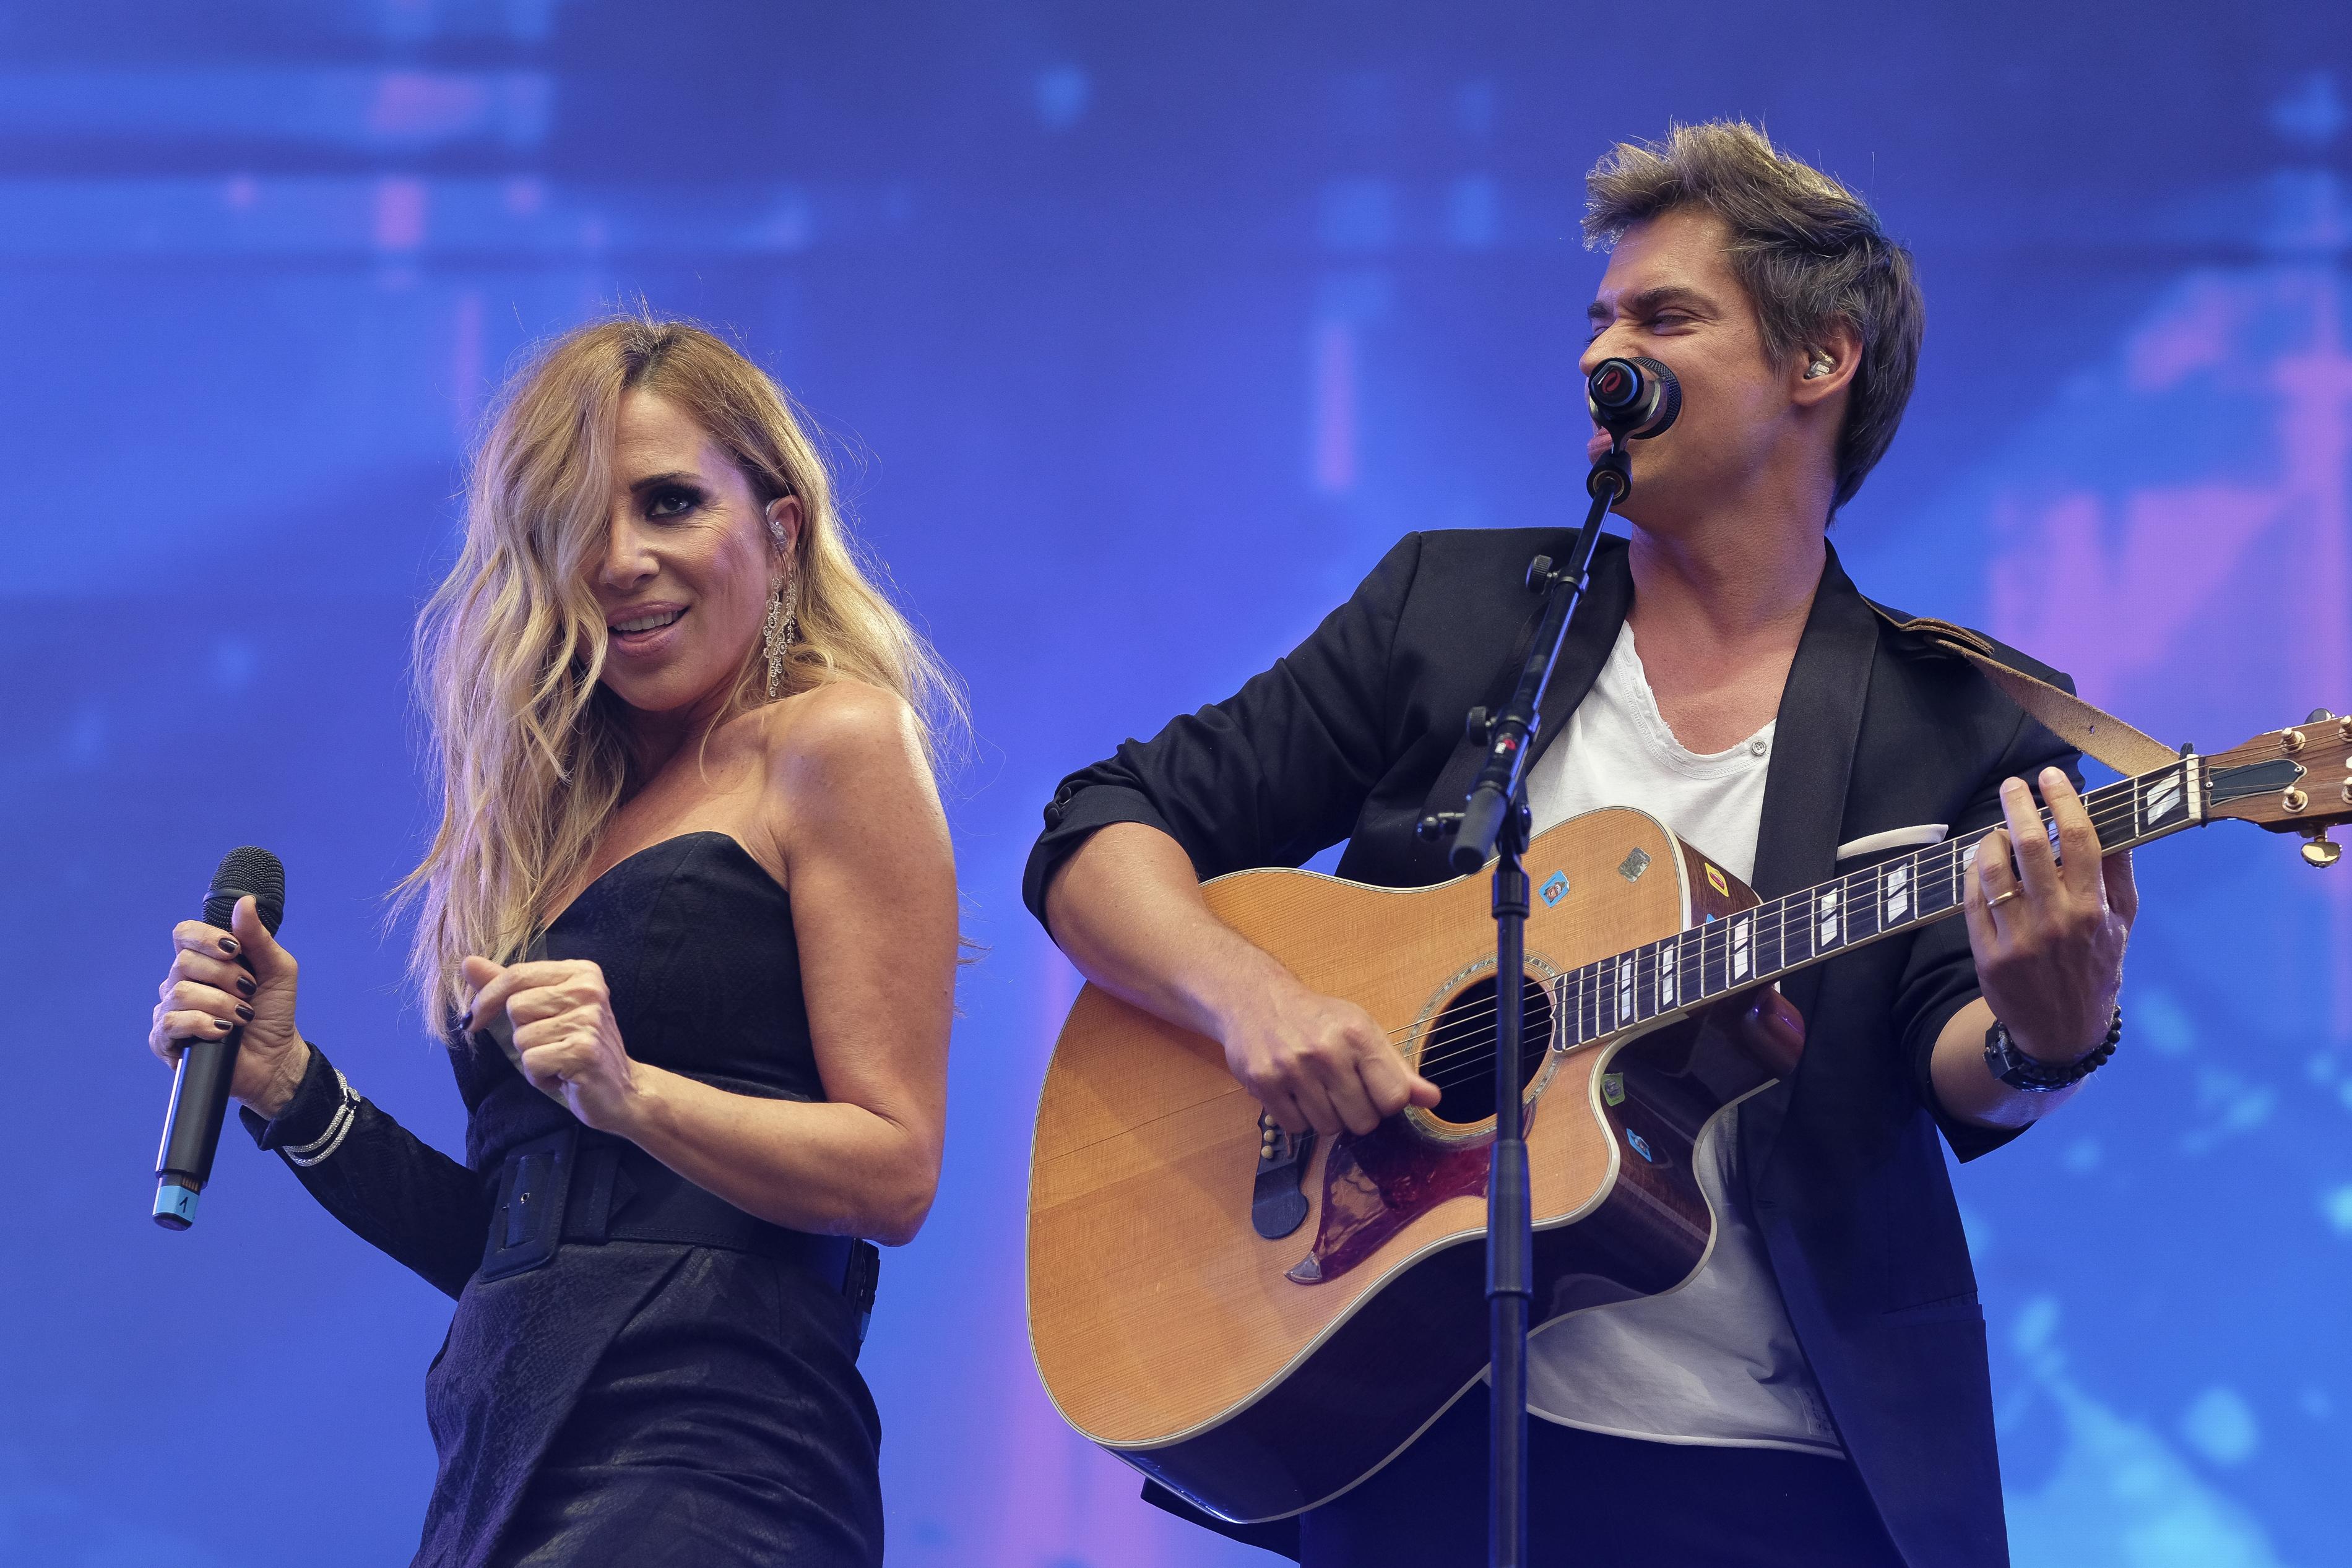 Marta Sánchez y Carlos Baute concierto x la paz